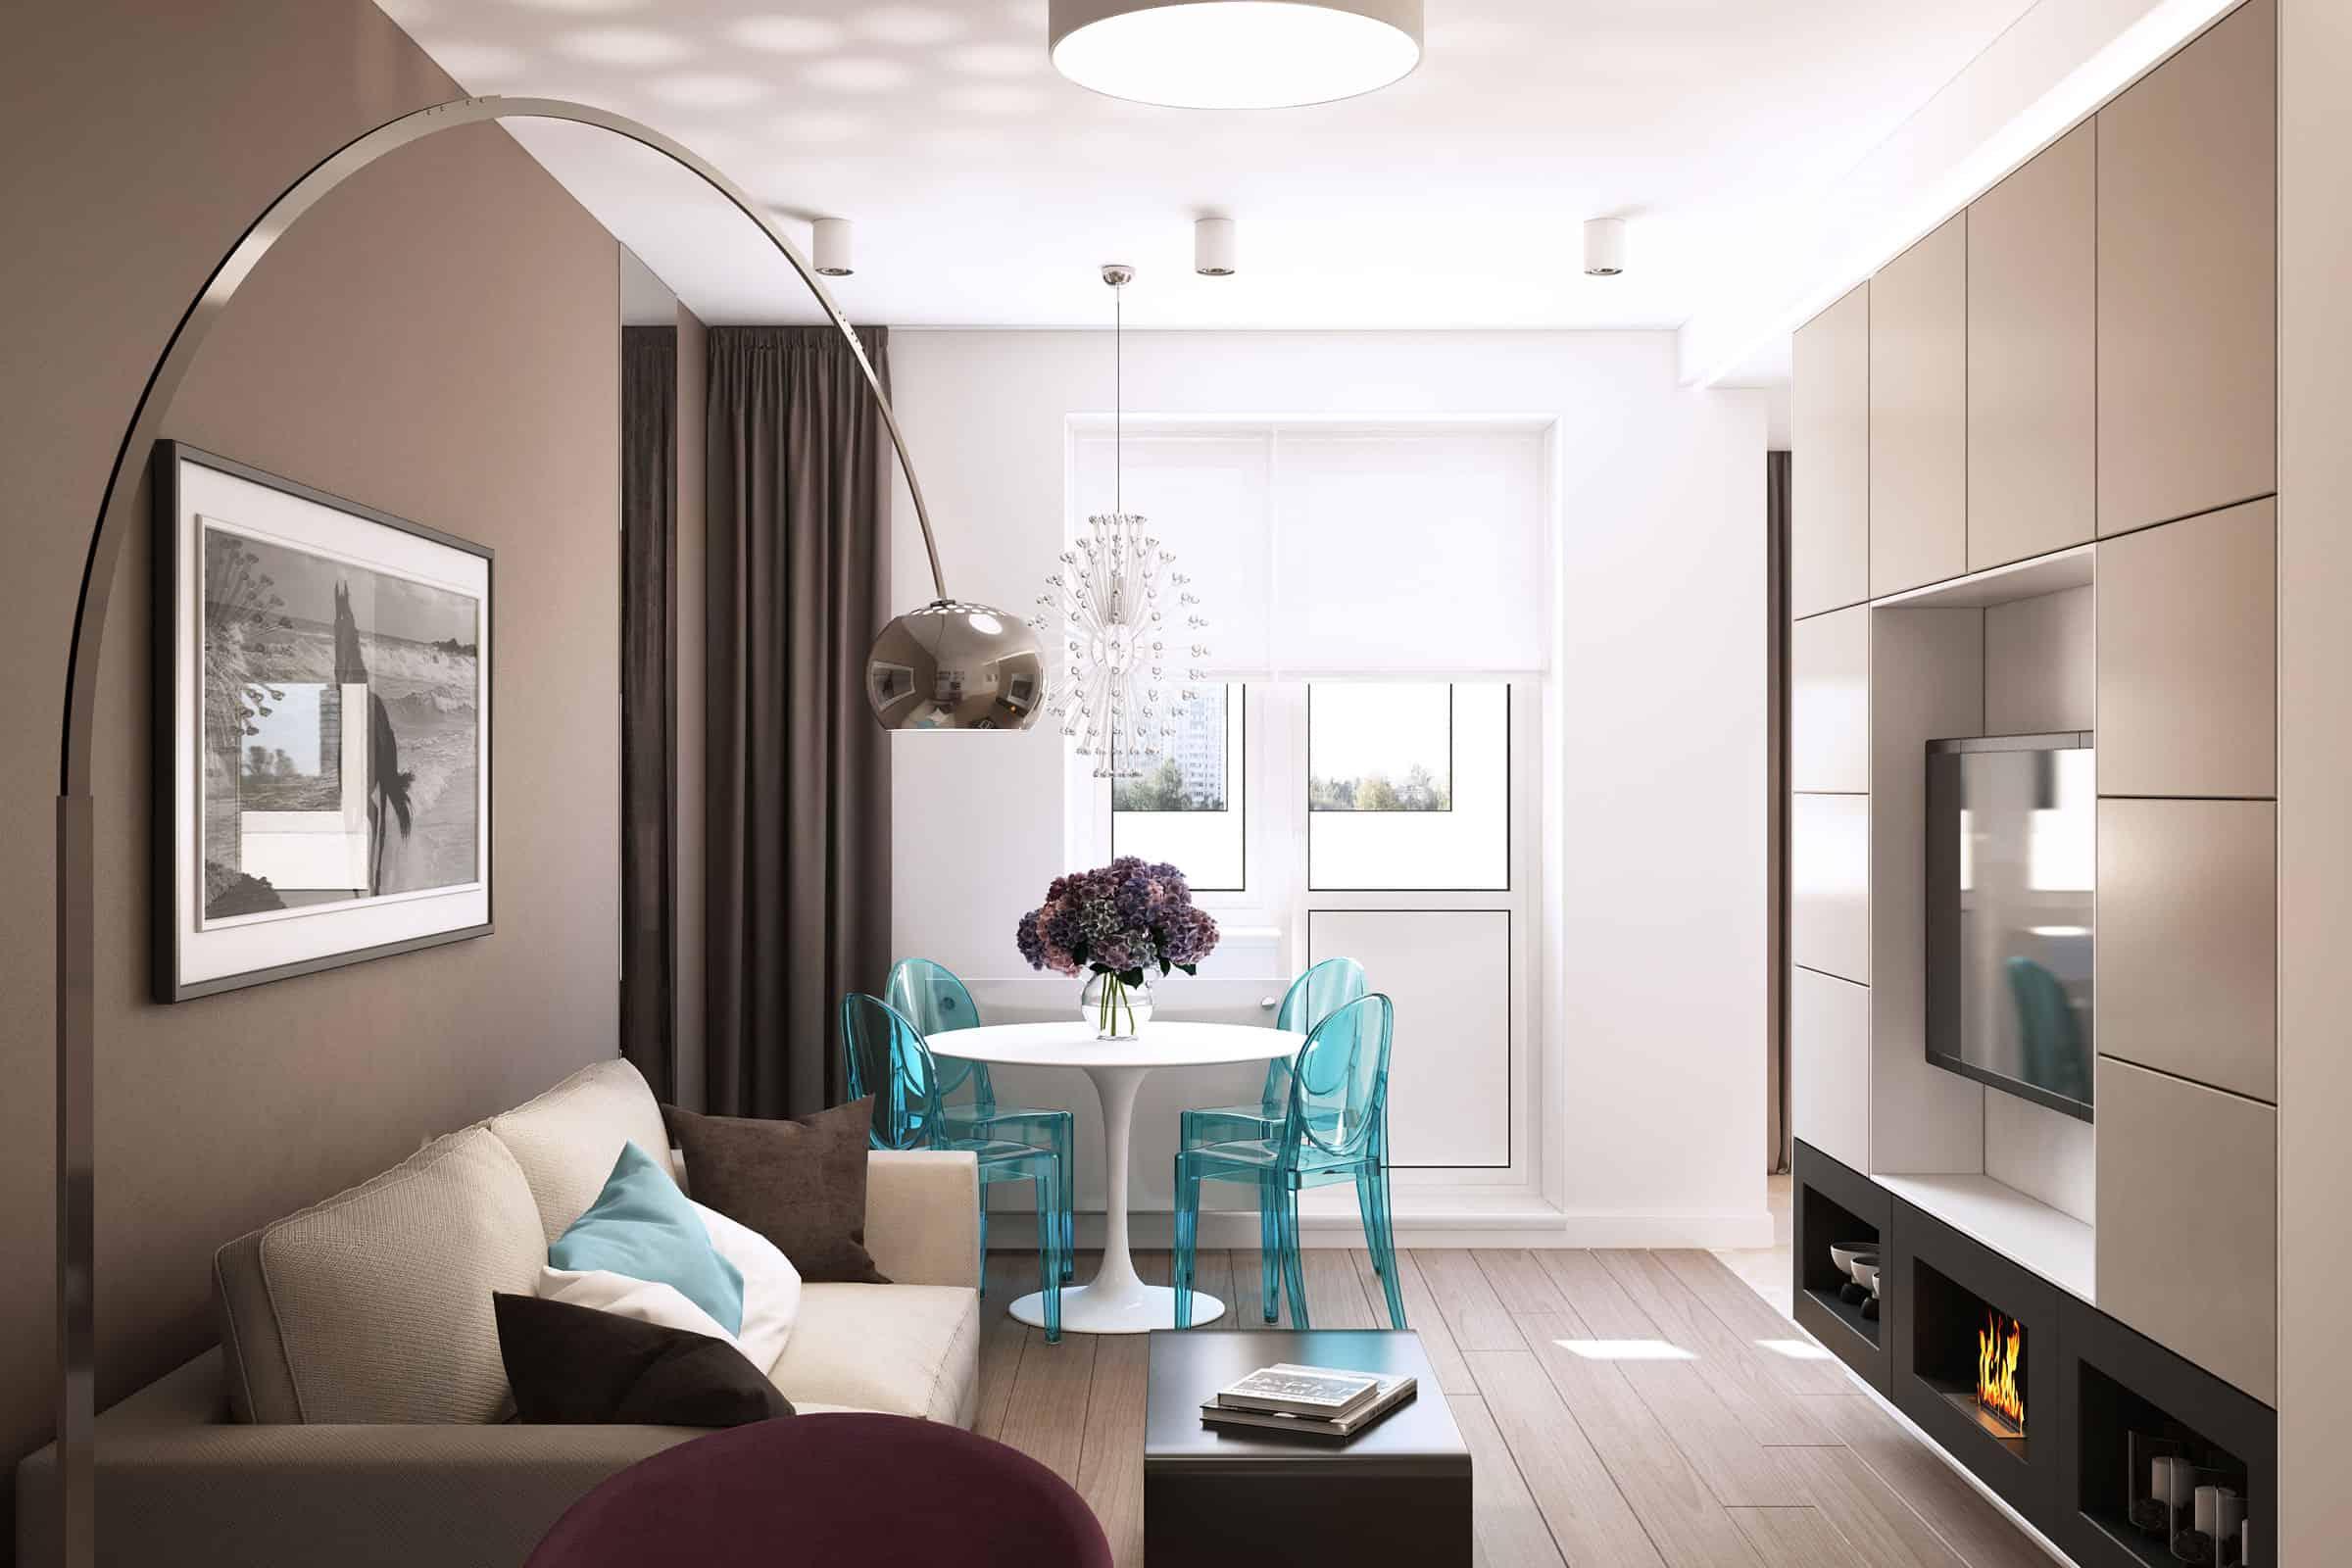 Дизайн квартиры для молодой девушки. визуализация интерьера .